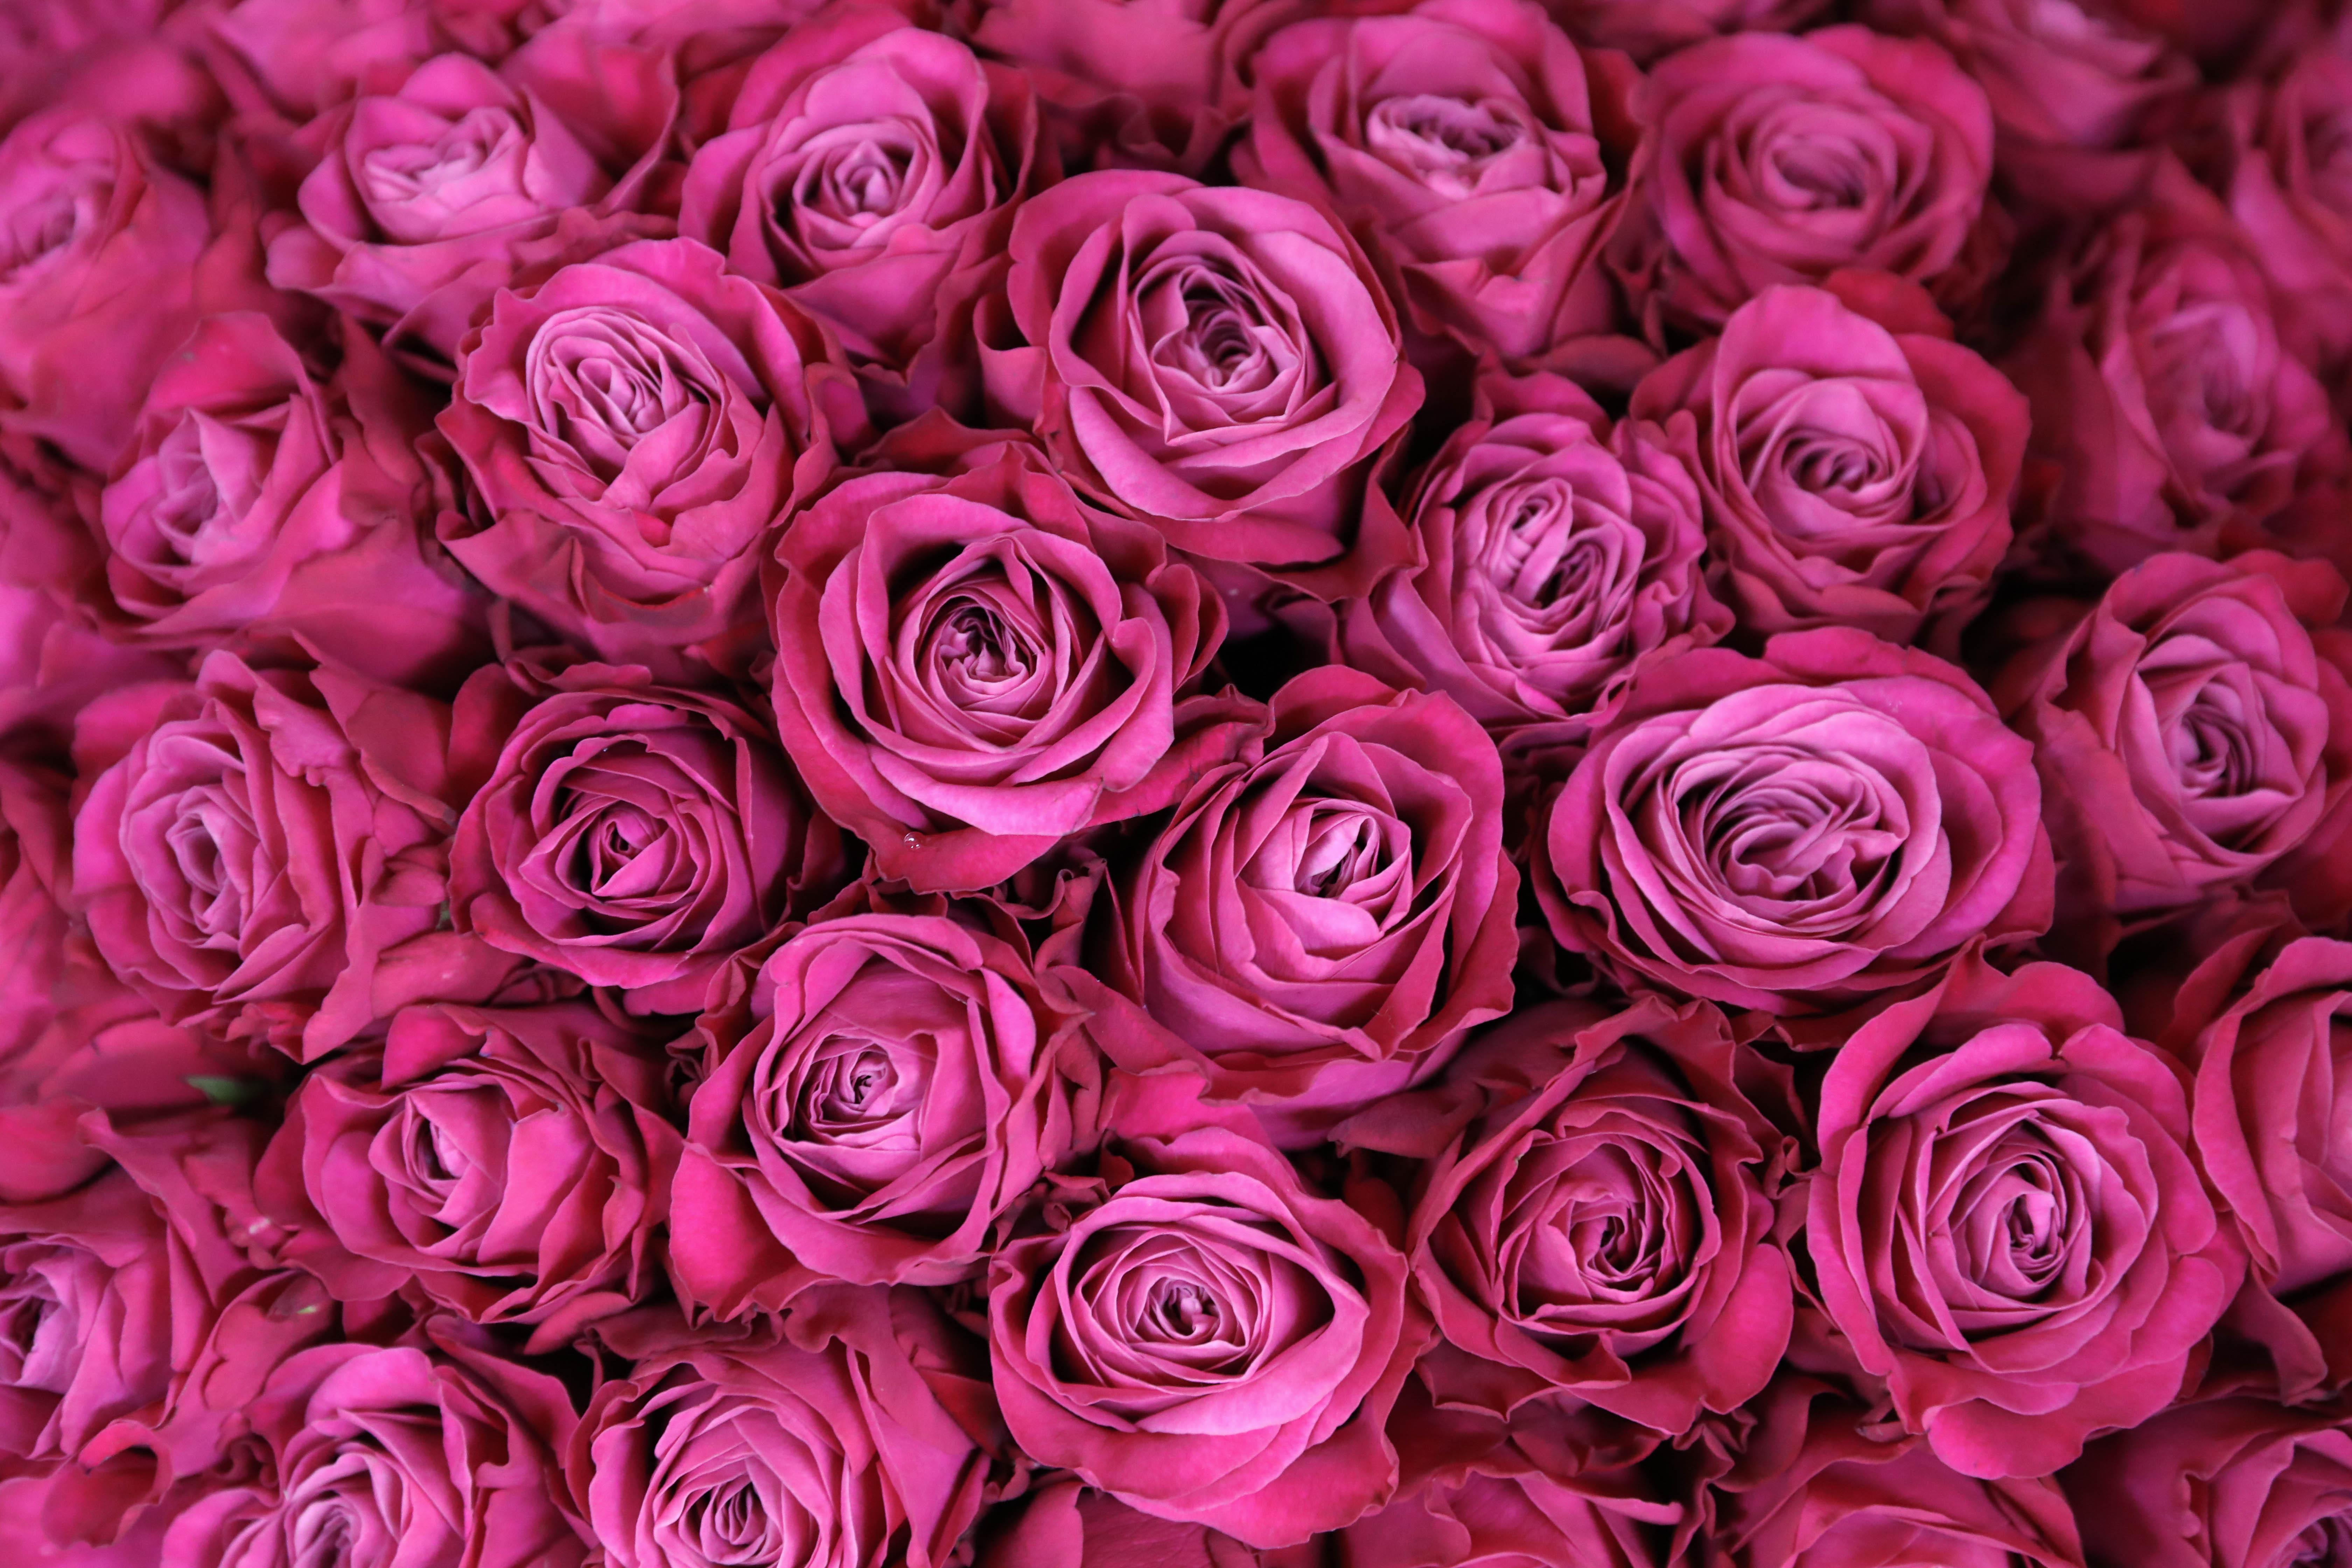 【本日の100バラ・シックな深いピンクのプライムチャーム】